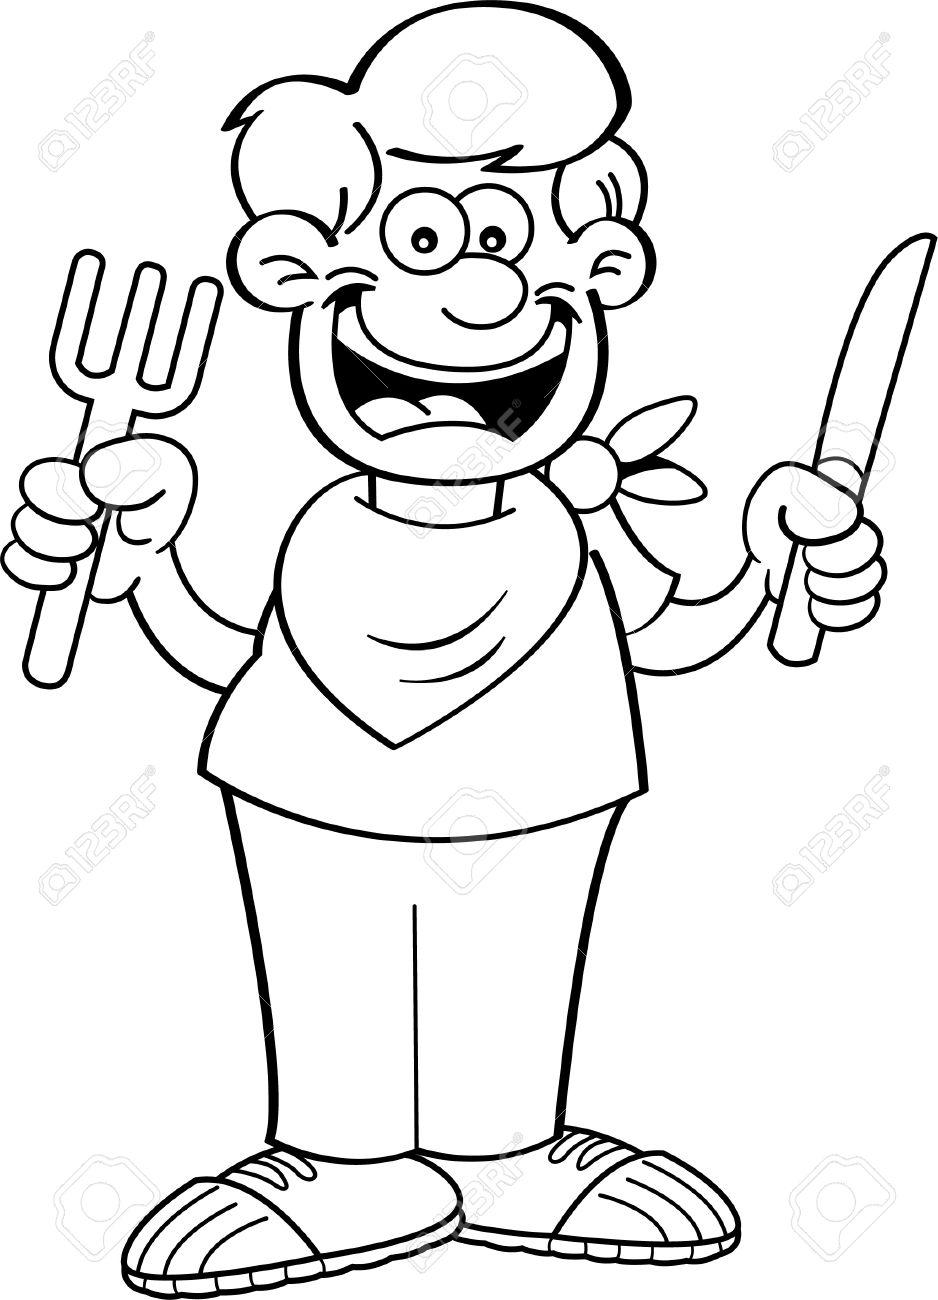 Ilustración En Blanco Y Negro De Un Niño De Hambre Con Un Cuchillo Y ...